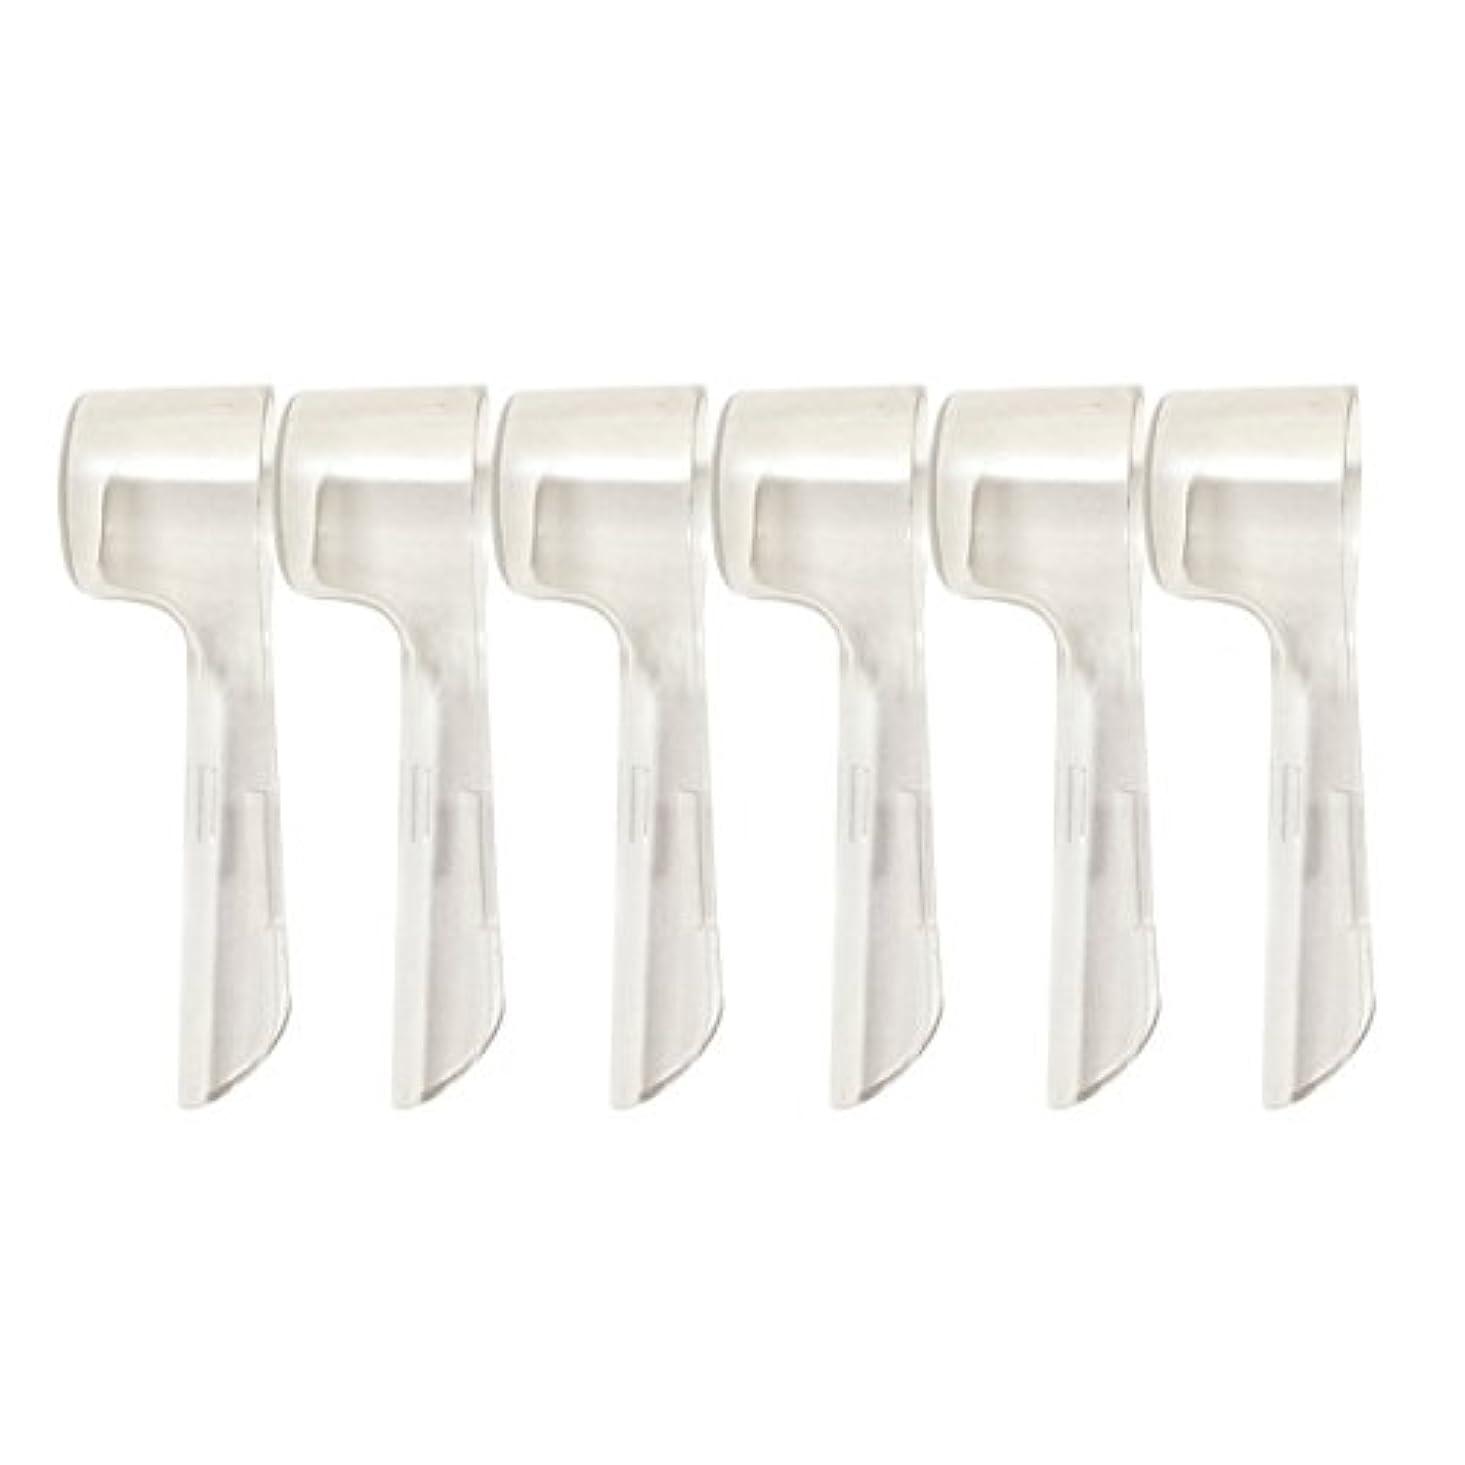 トラブル呼びかける乱用HEALLILY 6本旅行ポータブル歯ブラシヘッドカバー歯ブラシ保護ケース